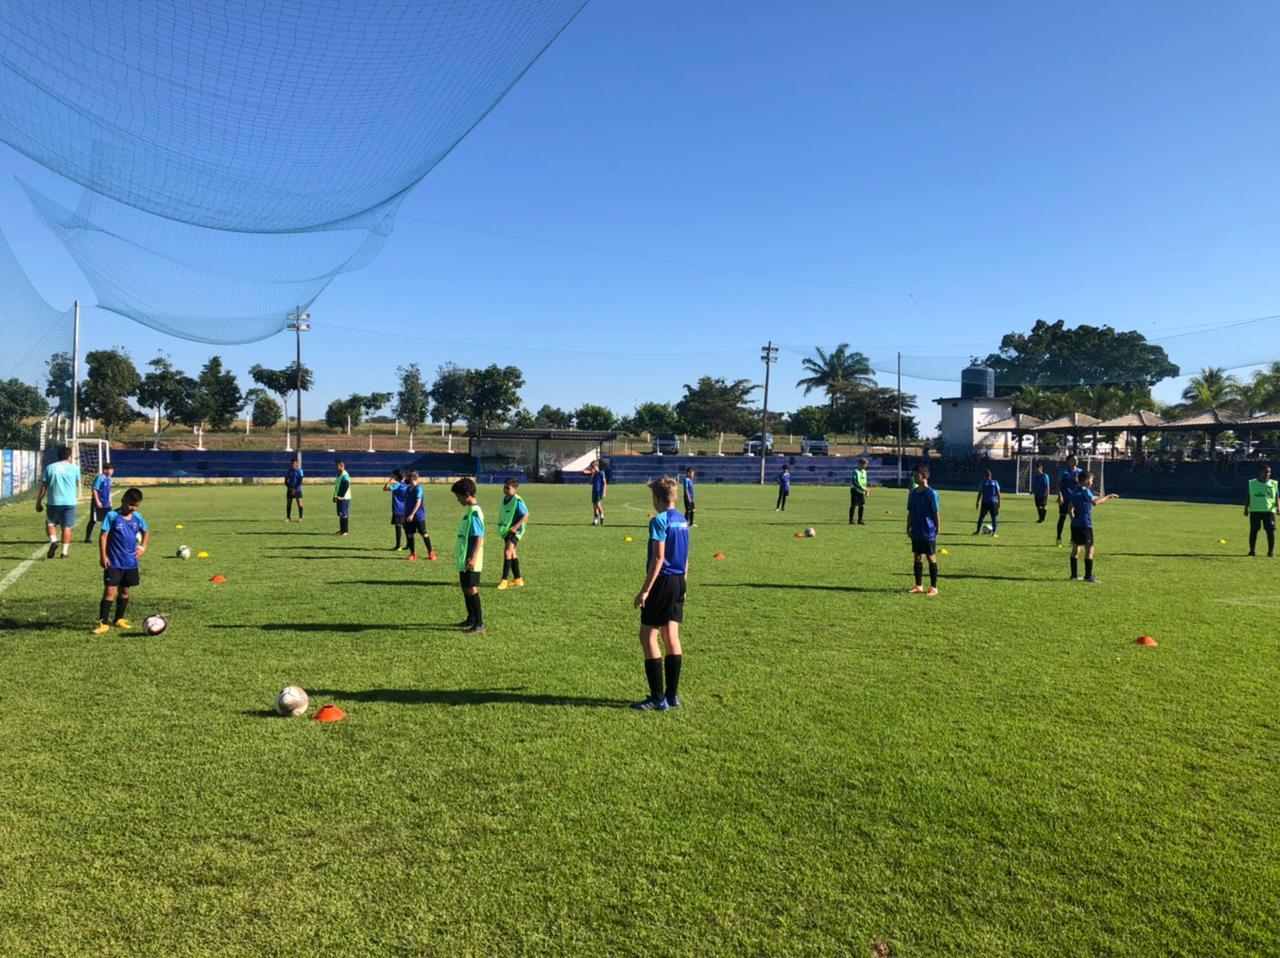 Especialistas do Avaí Futebol Clube (SC) estão em Colíder (MT) e ficam até sábado (08) na busca por talento do futebol